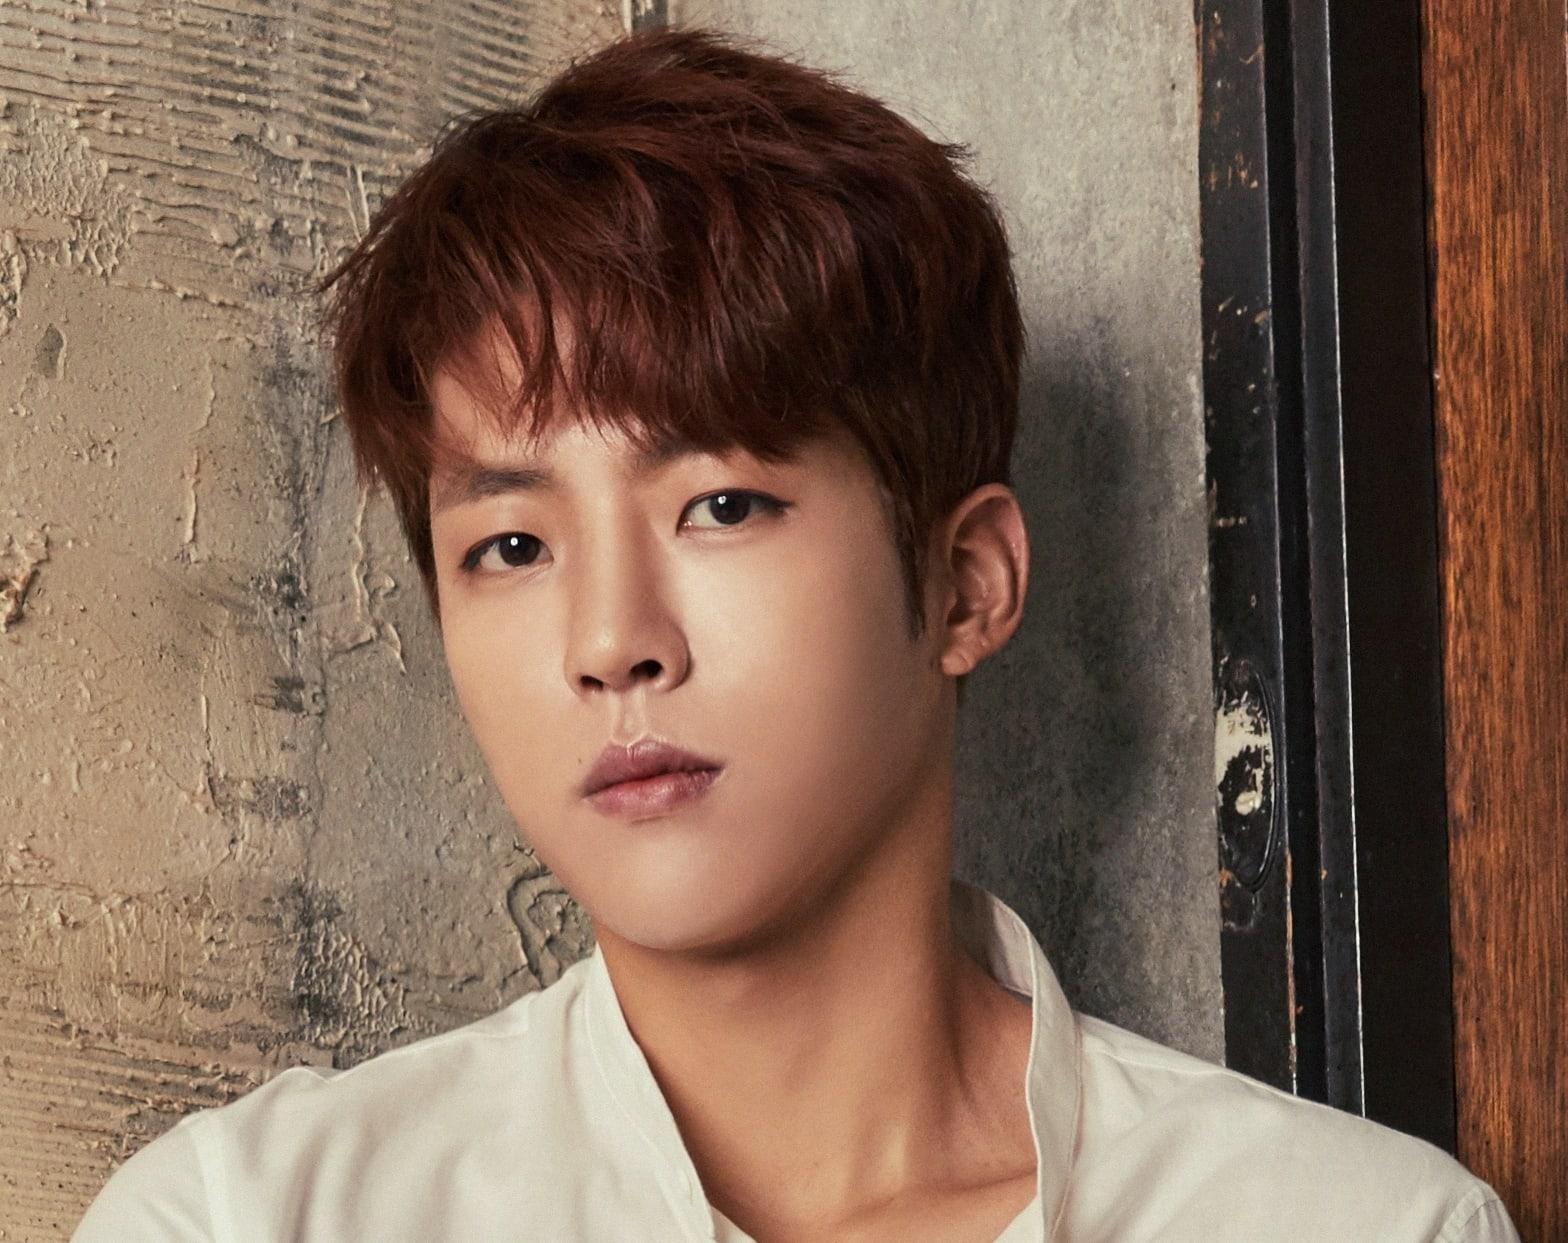 Sungyeol de INFINITE confirmado como el protagonista masculino de conmovedor nuevo drama